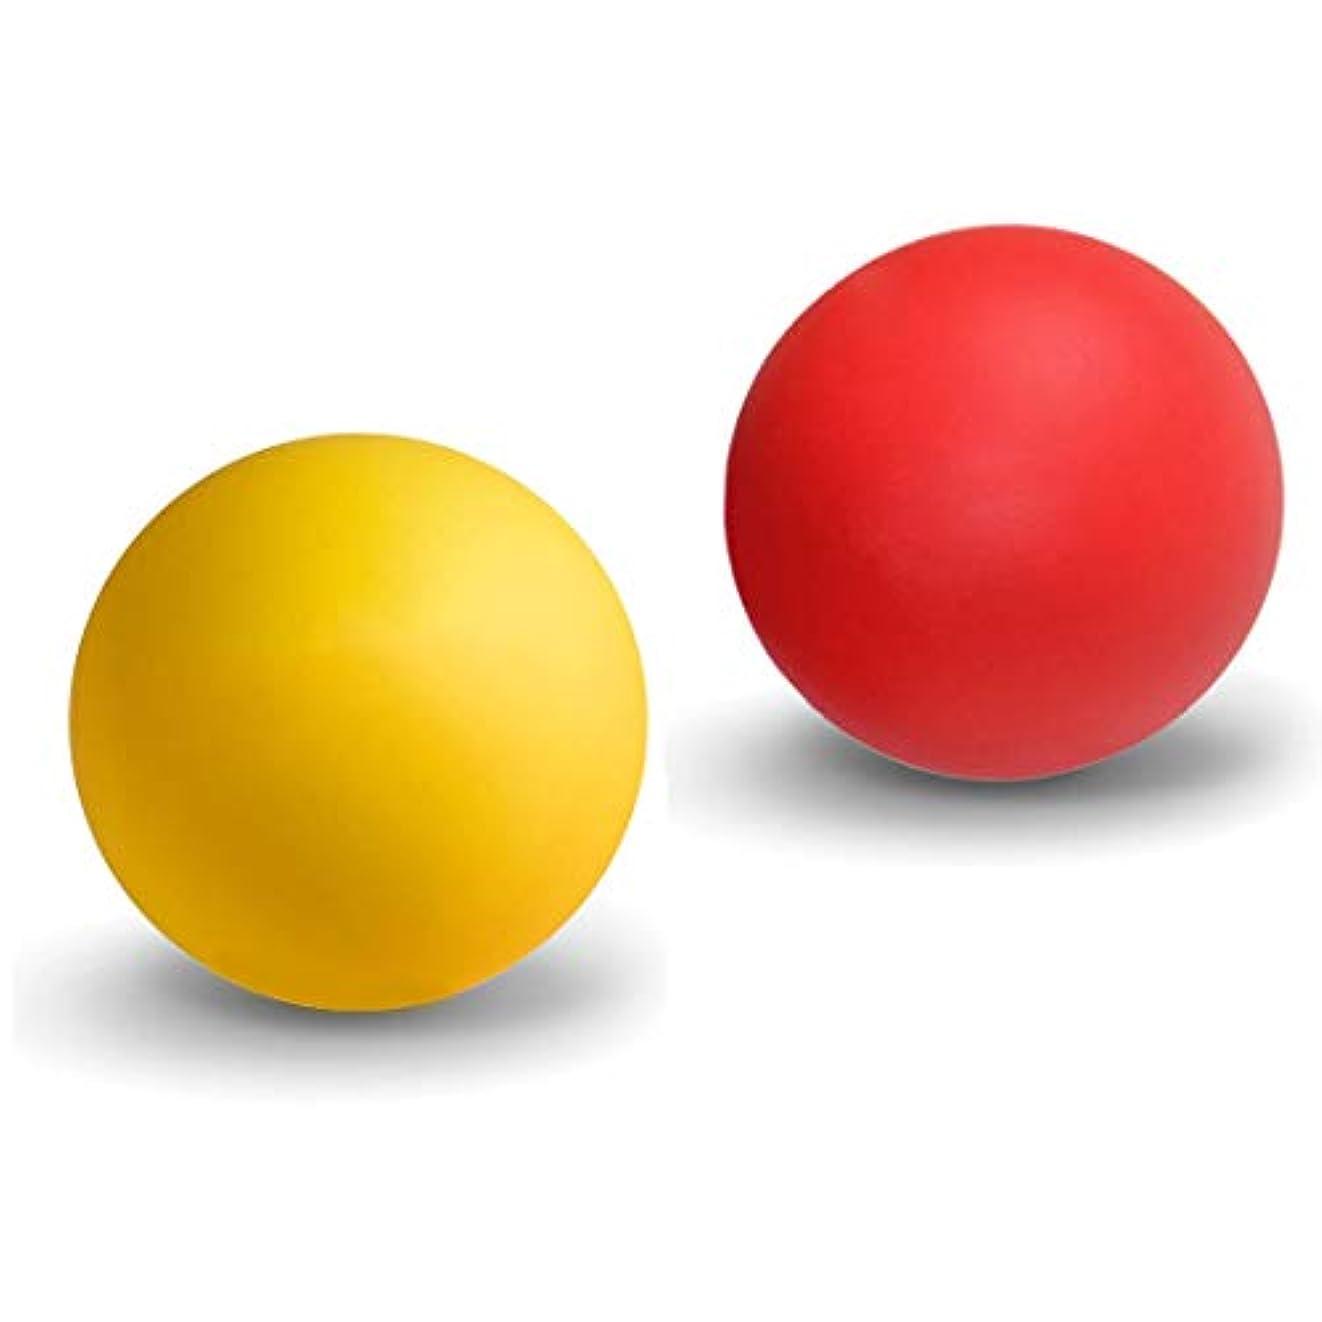 メンバー主テレビを見るマッサージボール ストレッチボール トリガーポイント ラクロスボール 筋膜リリース トレーニング 指圧ボールマッスルマッサージボール 背中 肩こり 腰 ふくらはぎ 足裏 ツボ押しグッズ 2で1組み合わせ 2個 セット